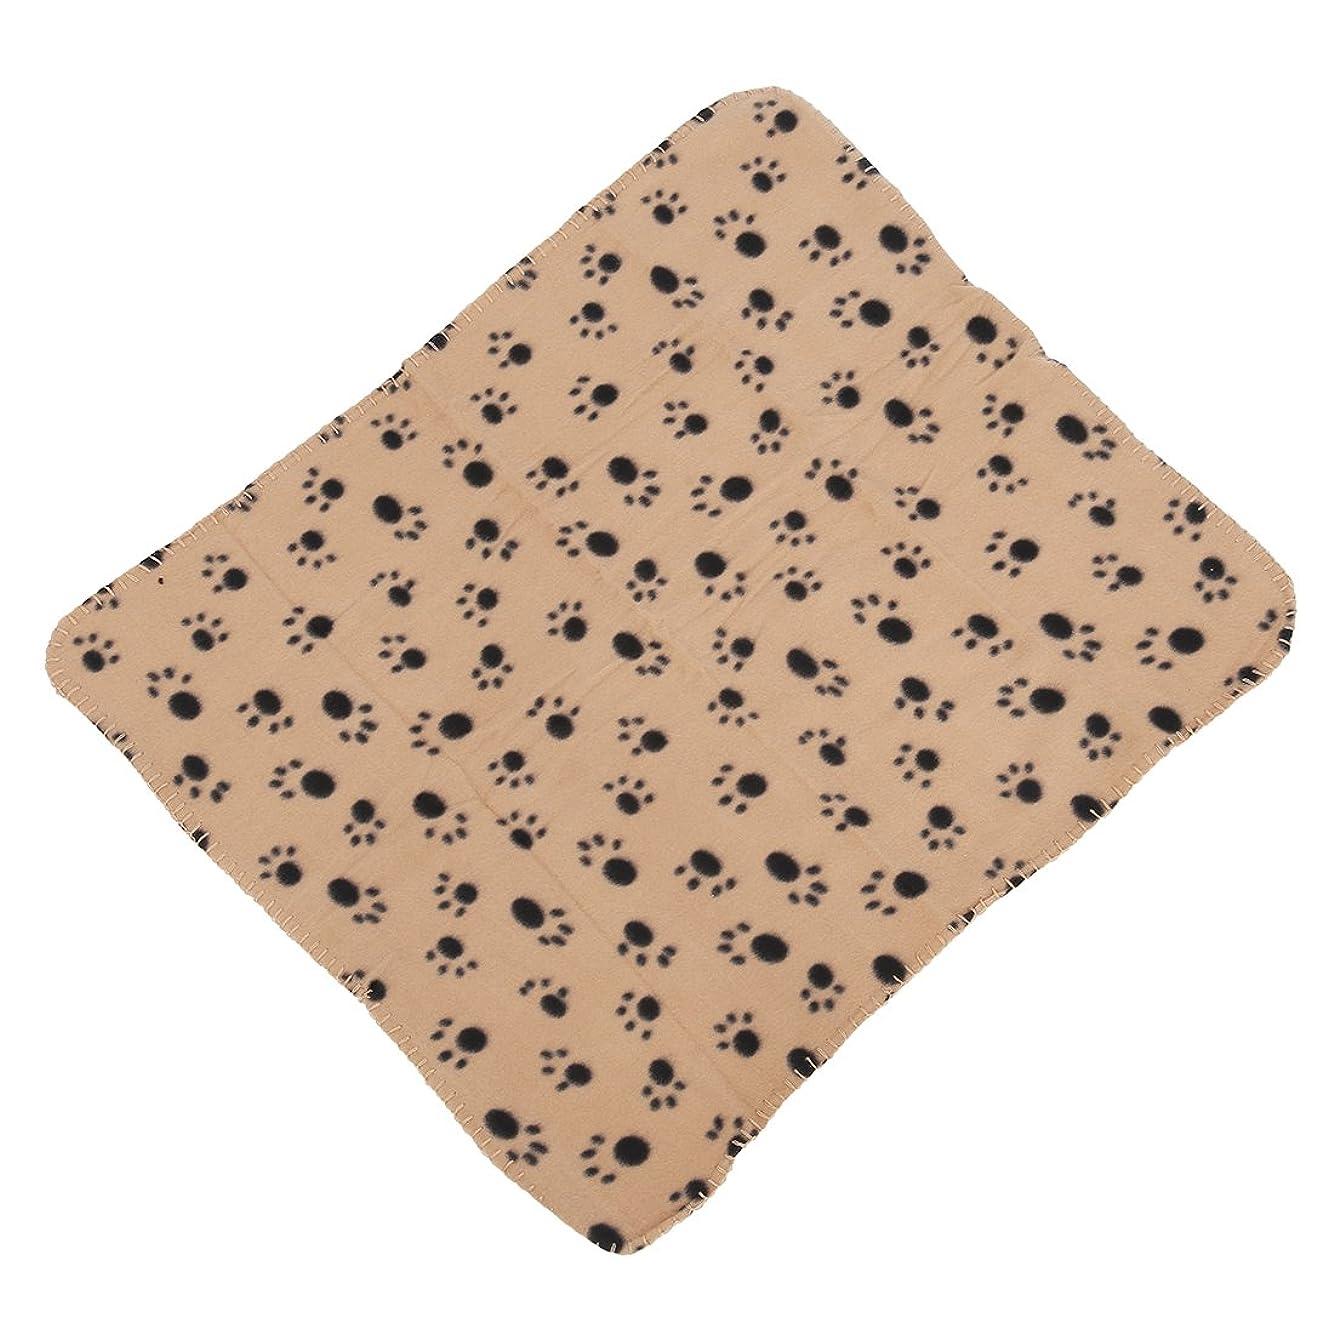 重なる肥沃なインセンティブGaoominy ペットのブランケット フリースブランケット 犬の毛布 動物ブランケット猫ペット毛布 60x70cm (クリーム)